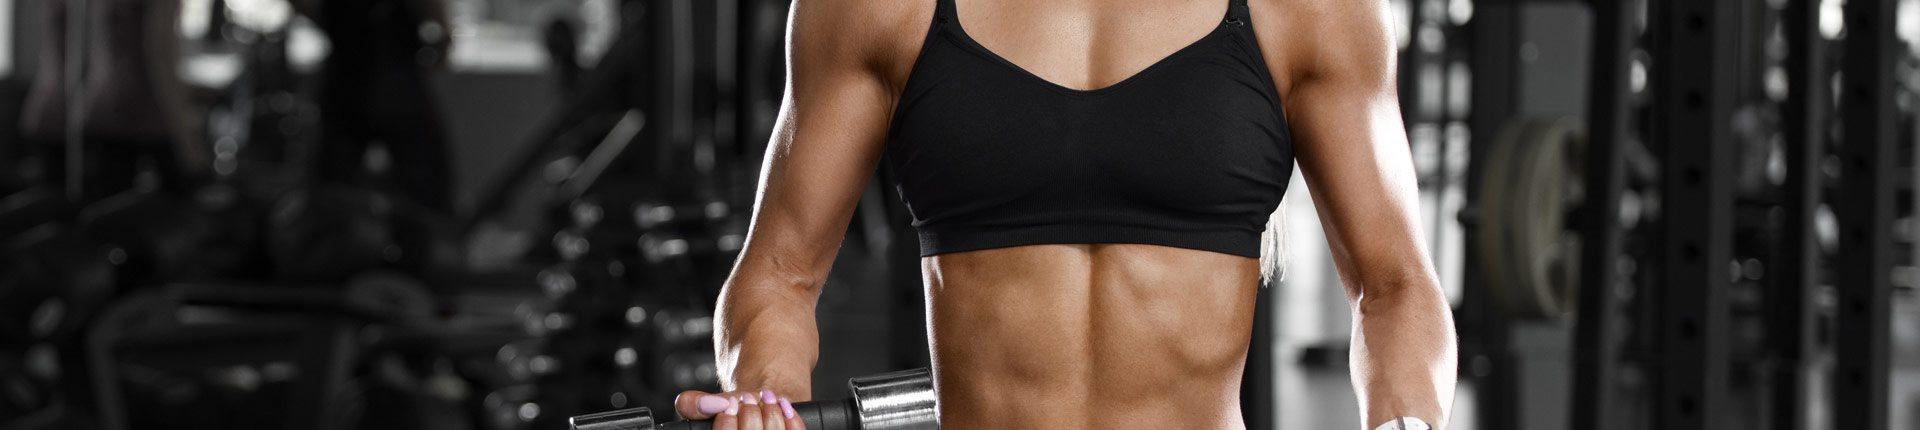 10 kg mięśni i szybkie odchudzanie  w miesiąc, czyli fitness deepfake